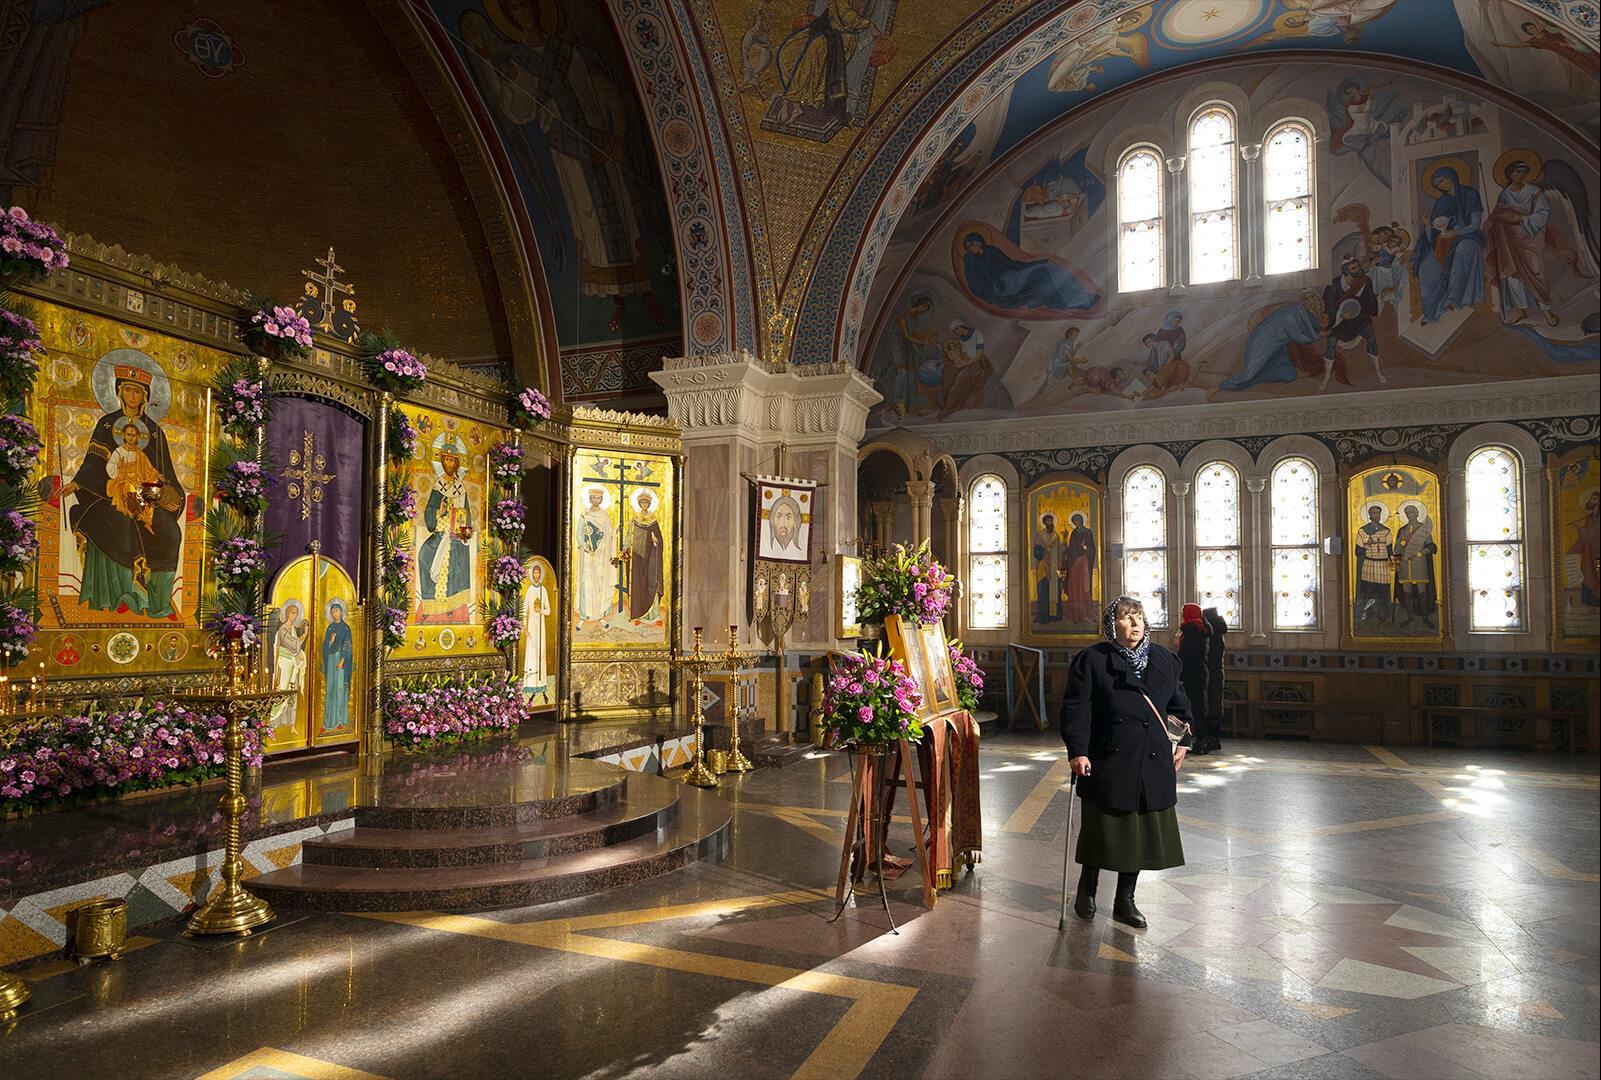 à l'intérieur de l'église Dieu Souveraine minsk